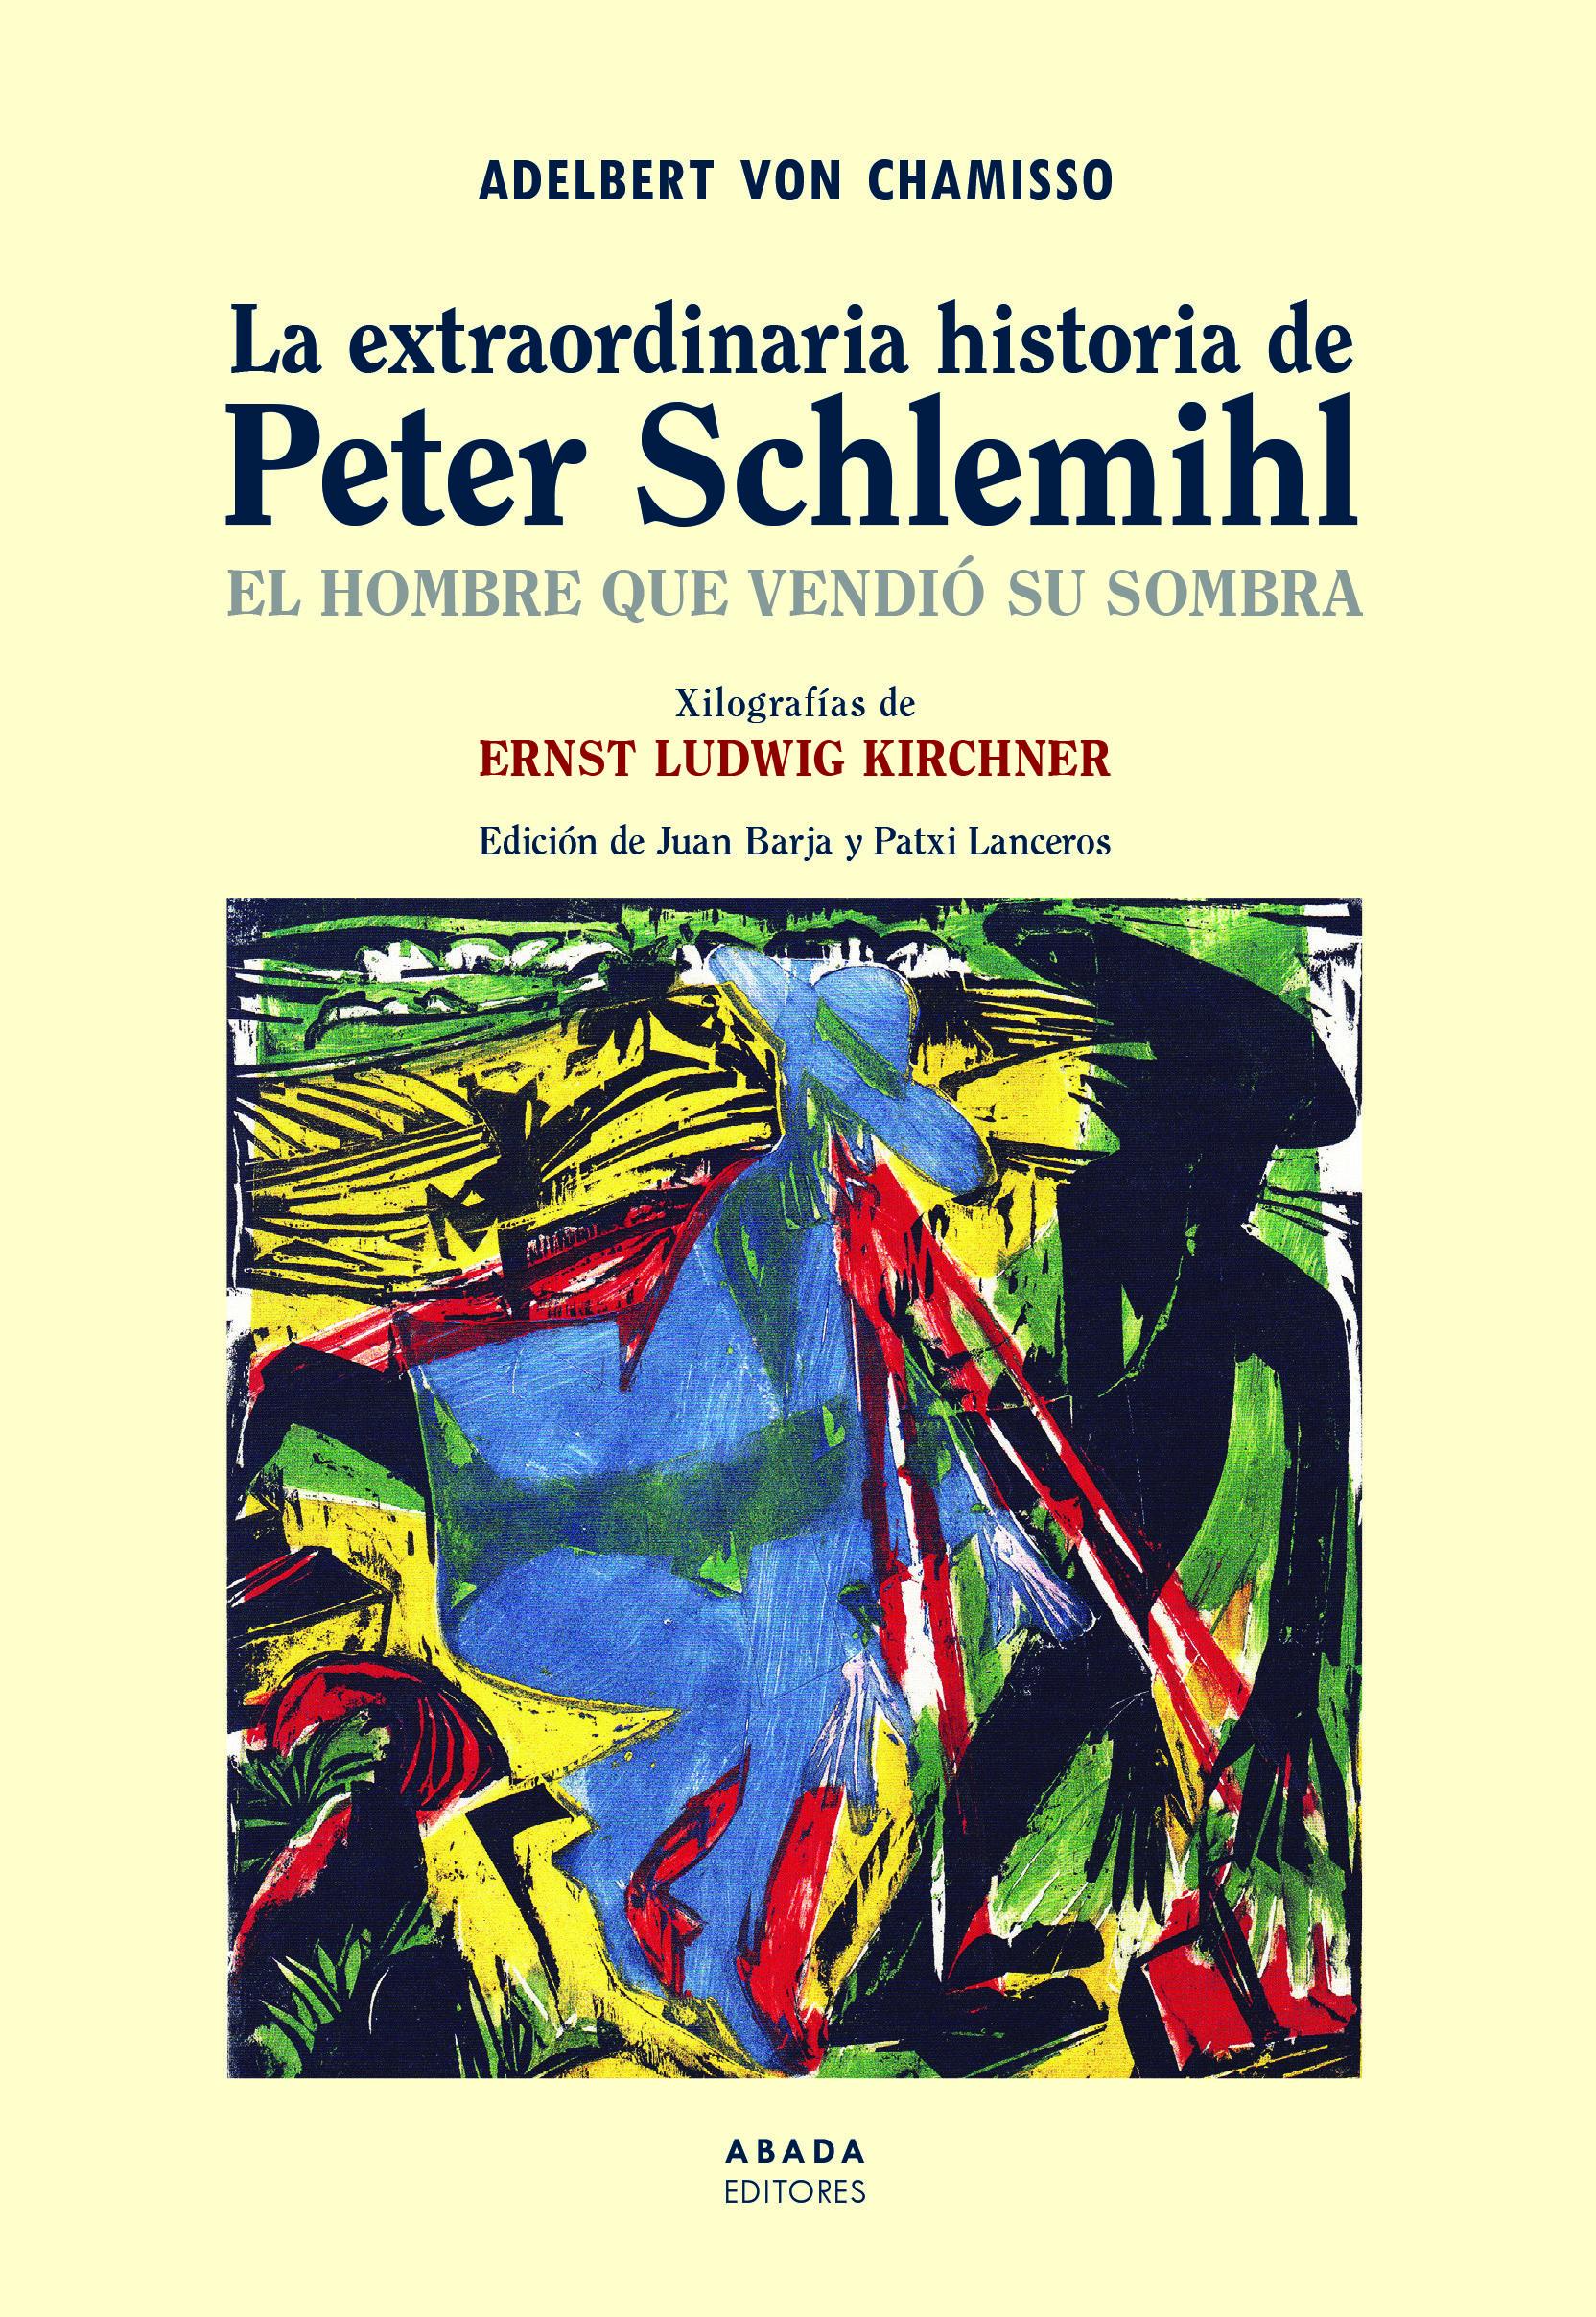 LA EXTRAORDINARIA HISTORIA DE PETER SCHLEMIHL